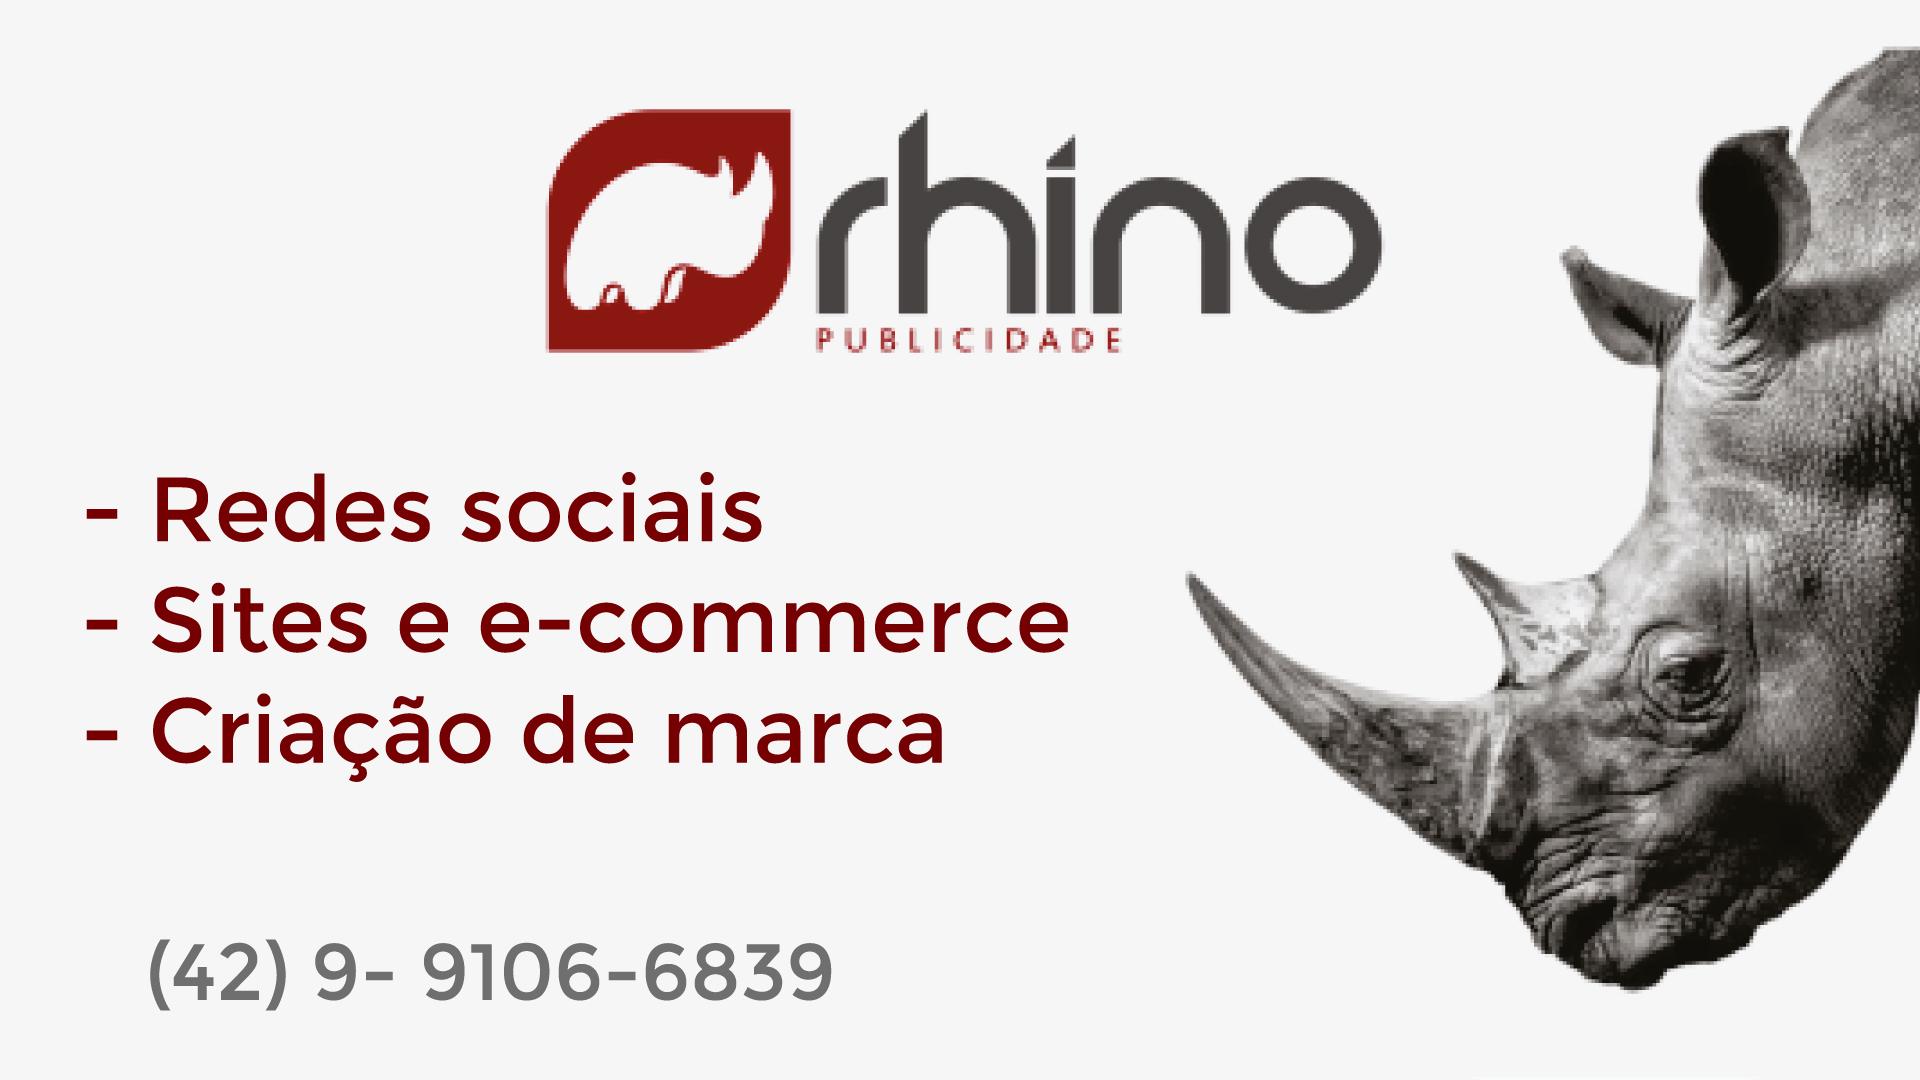 Rhino Publicidade